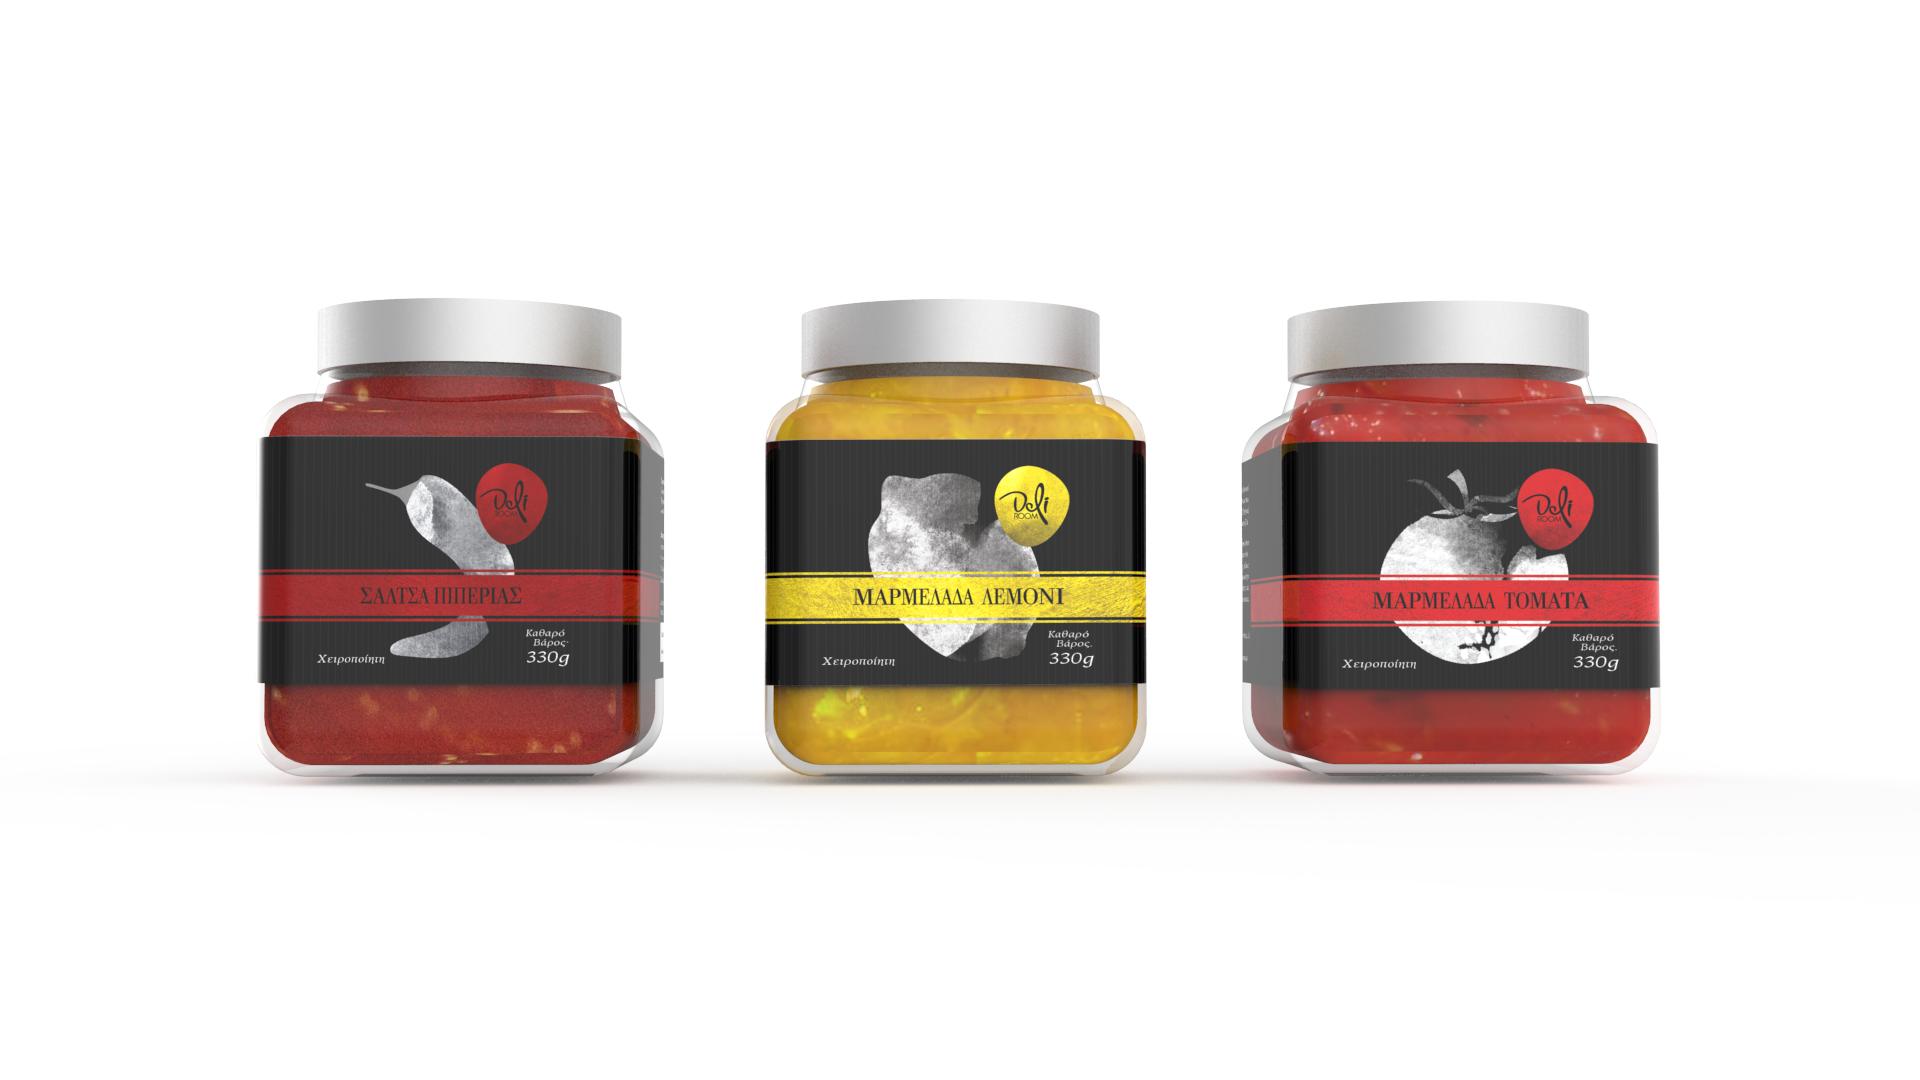 ετικέτα-μαρμελάδας-packaging-design-γραφίστας